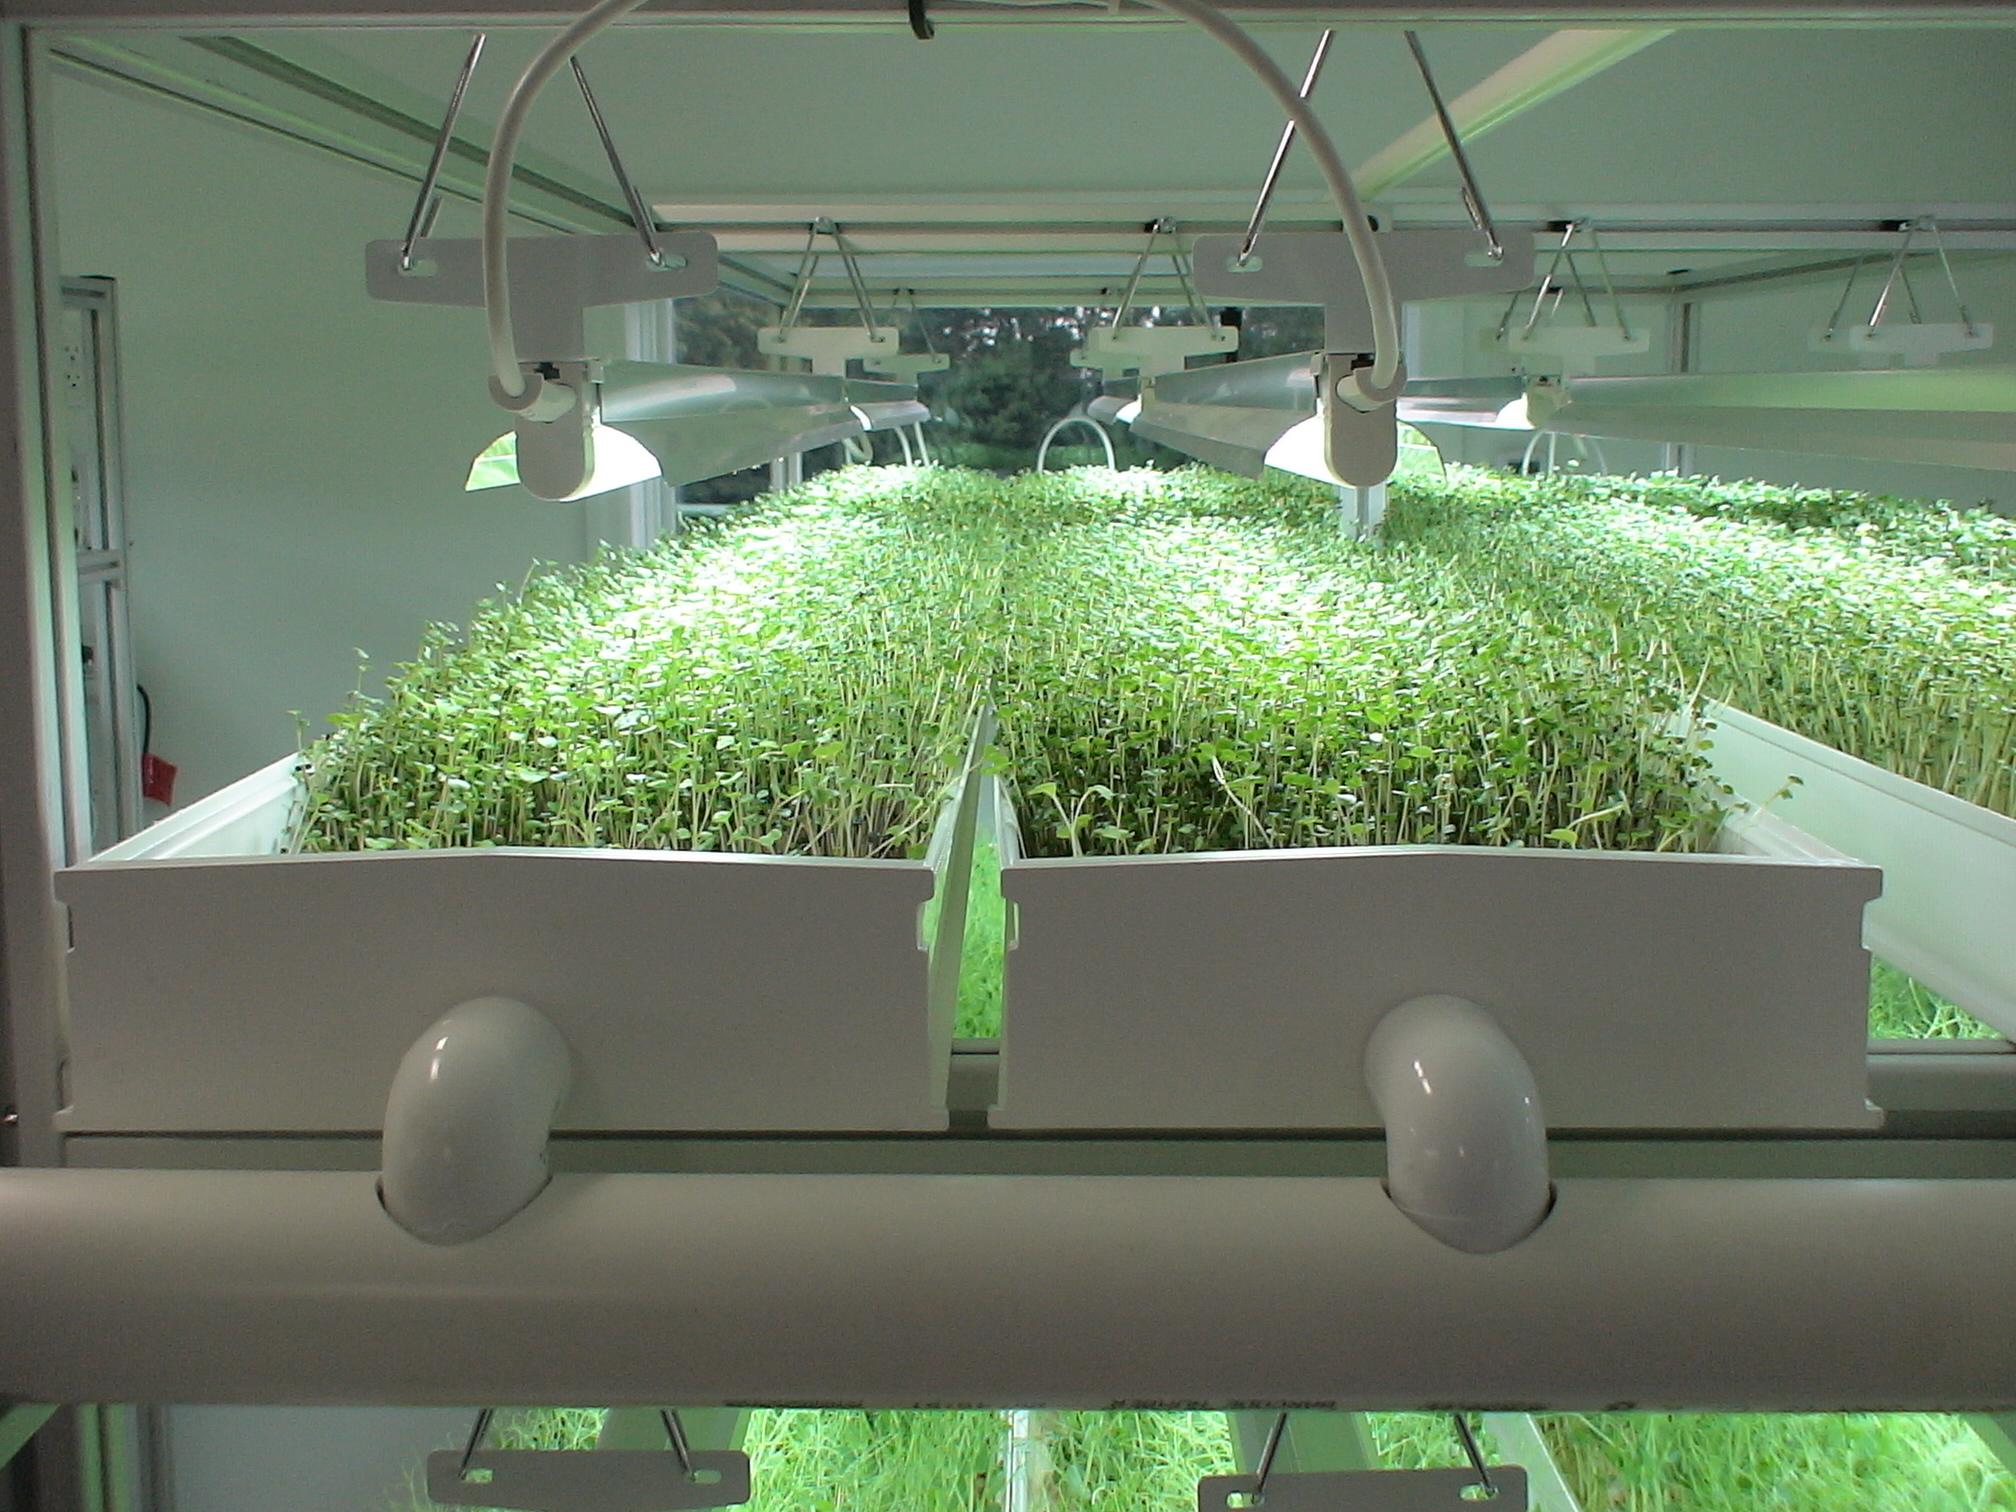 Гидропонная установка для выращивания зелени дома: сборка и 24